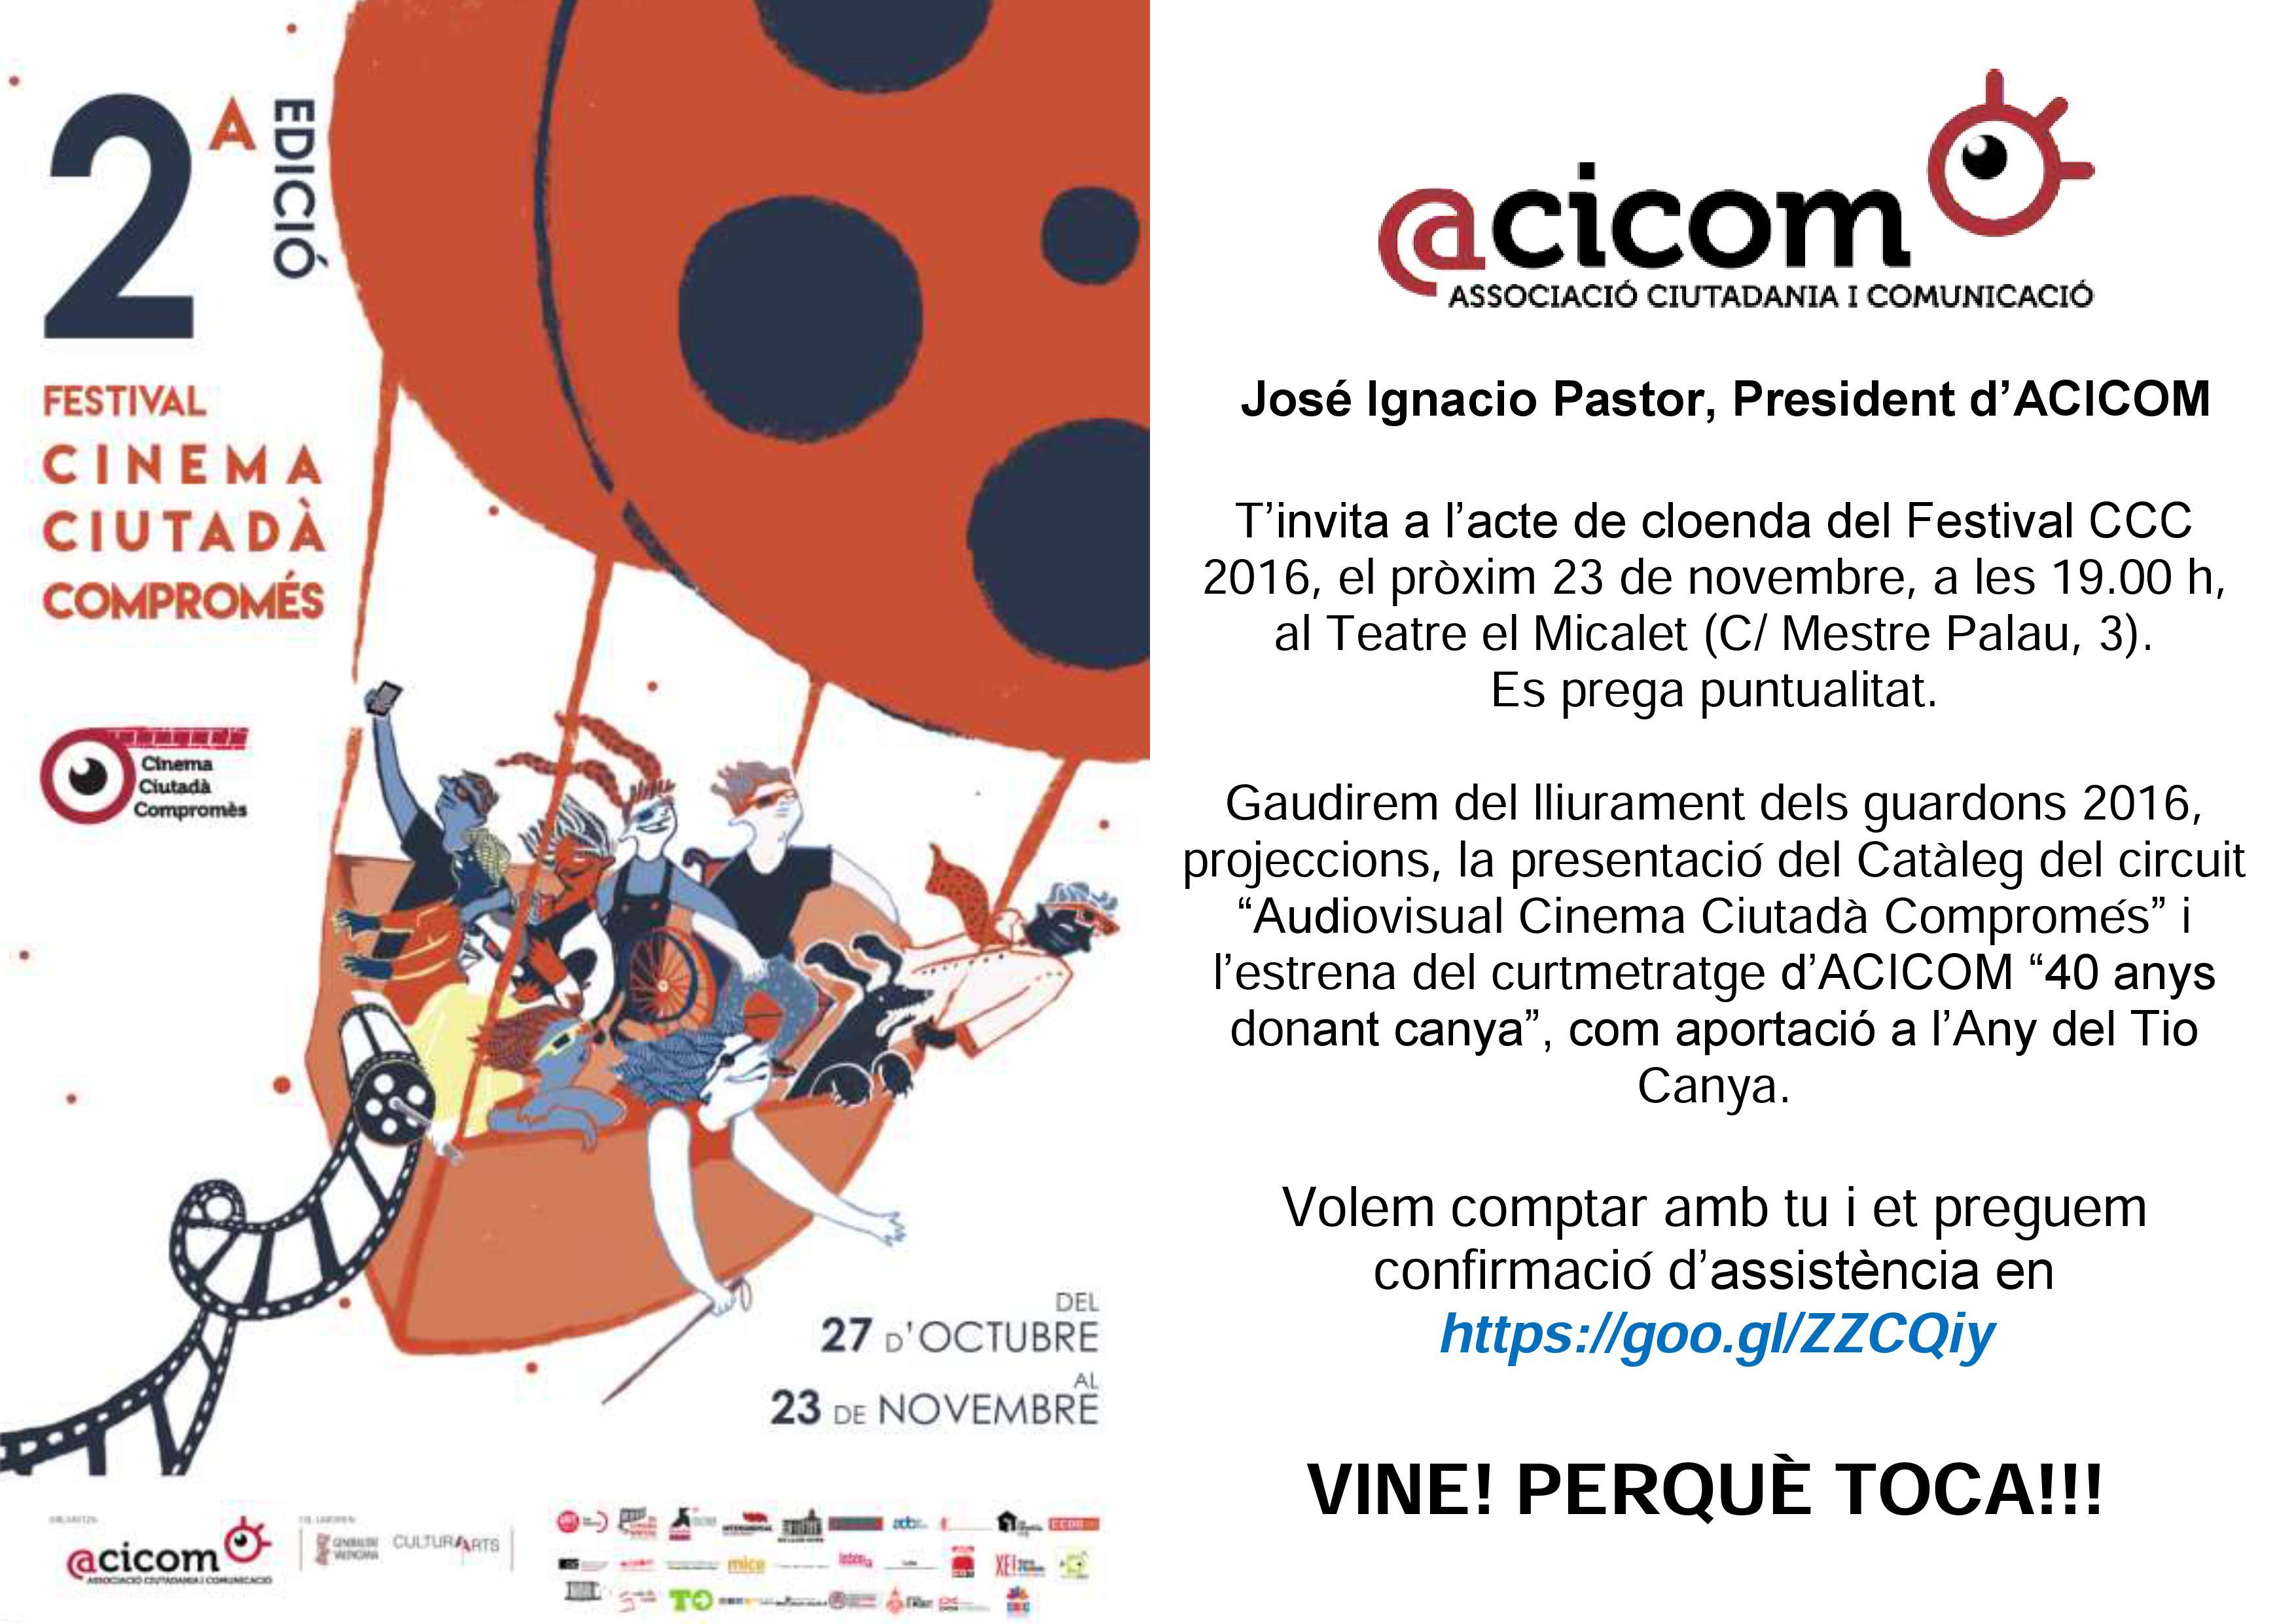 invitacio-cloenda-fccc-23-11-2016